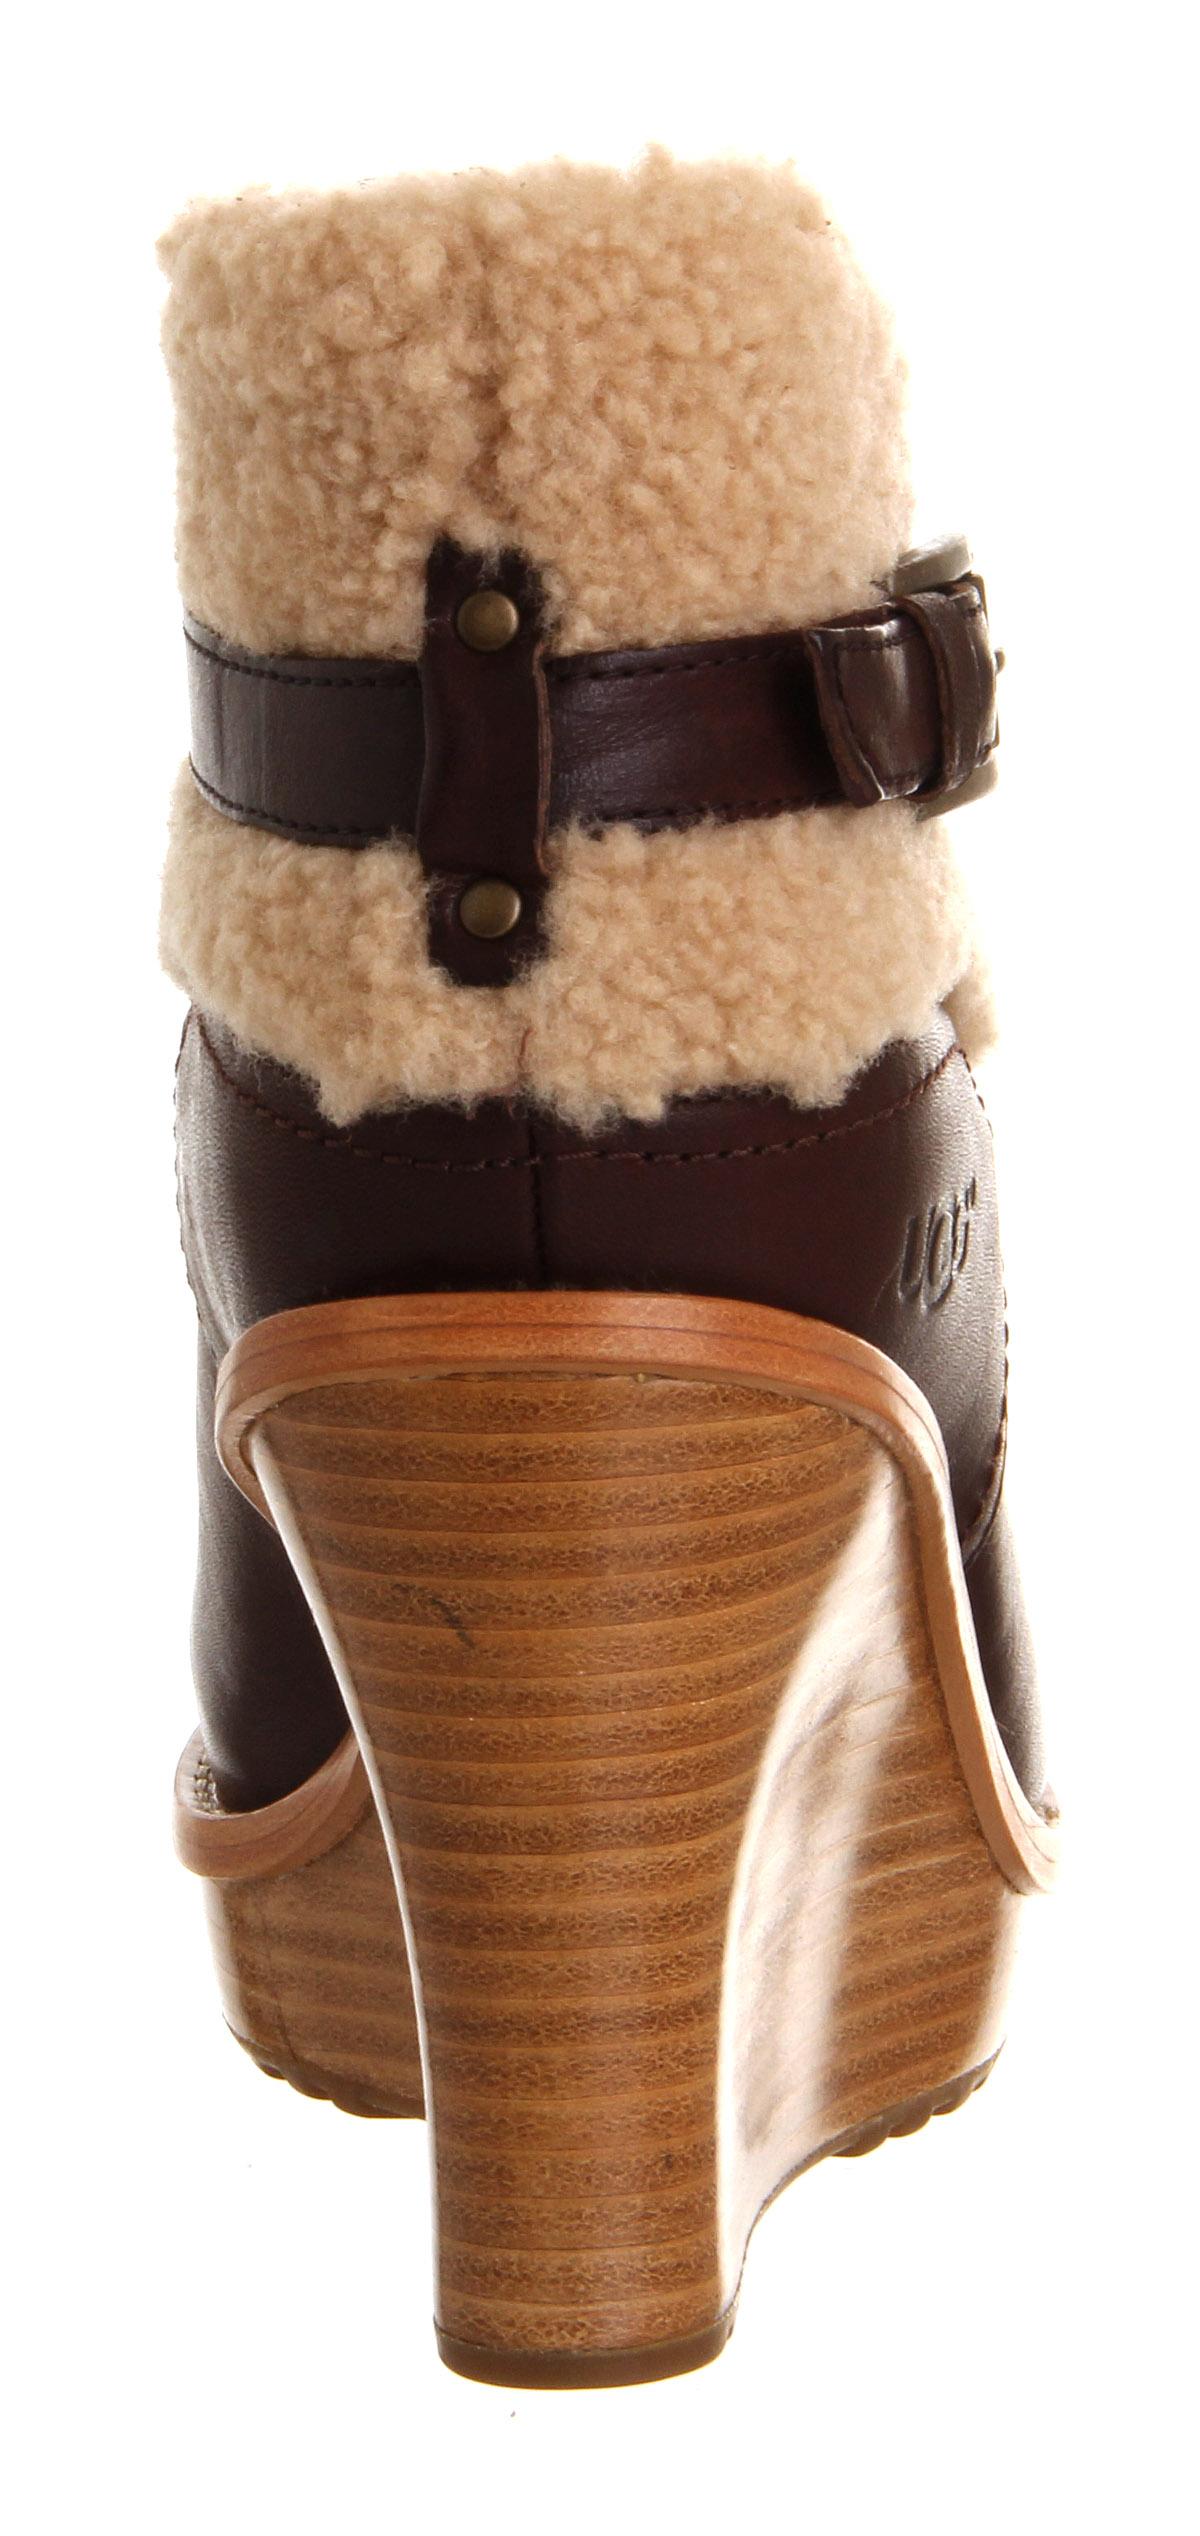 9b1b3b511443 Ugg Australia Anais Wedge Ankle Boot Mahogany